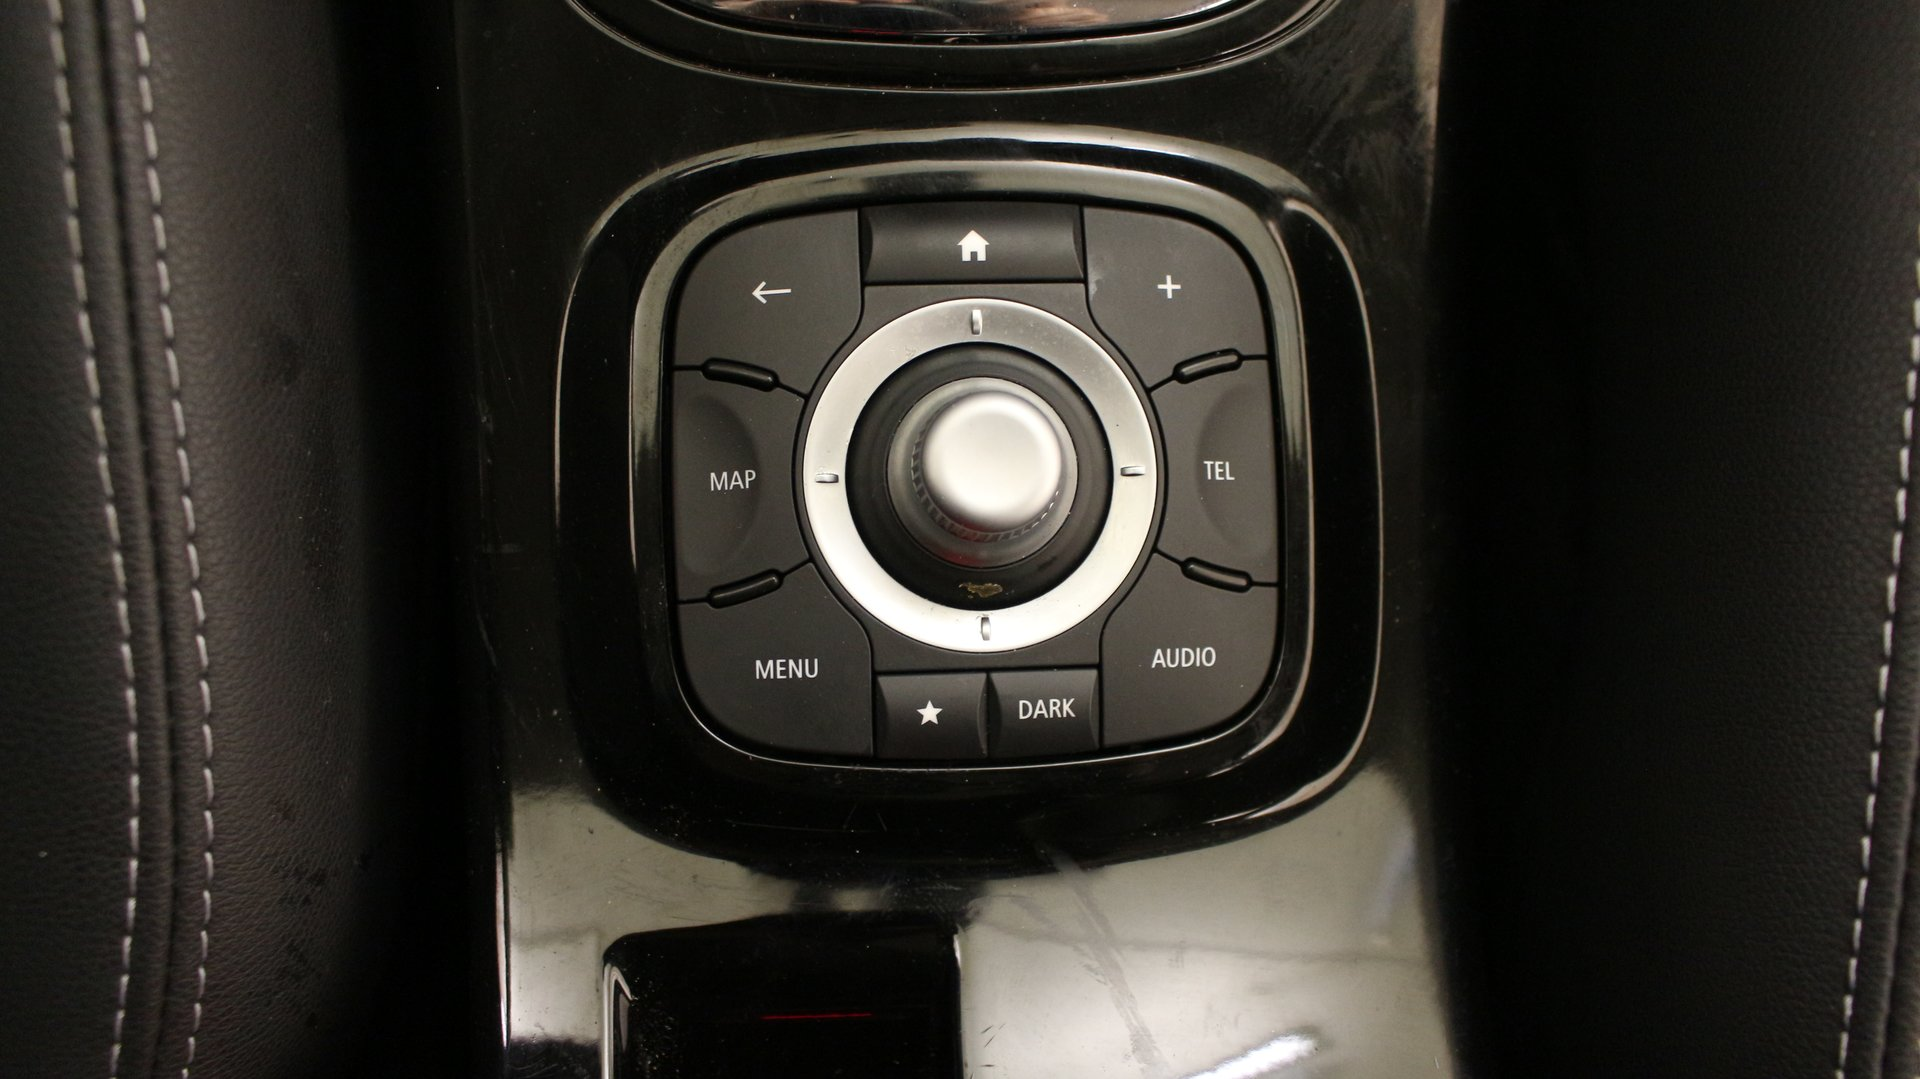 renault m gane 3 berline compacte 5 portes diesel. Black Bedroom Furniture Sets. Home Design Ideas